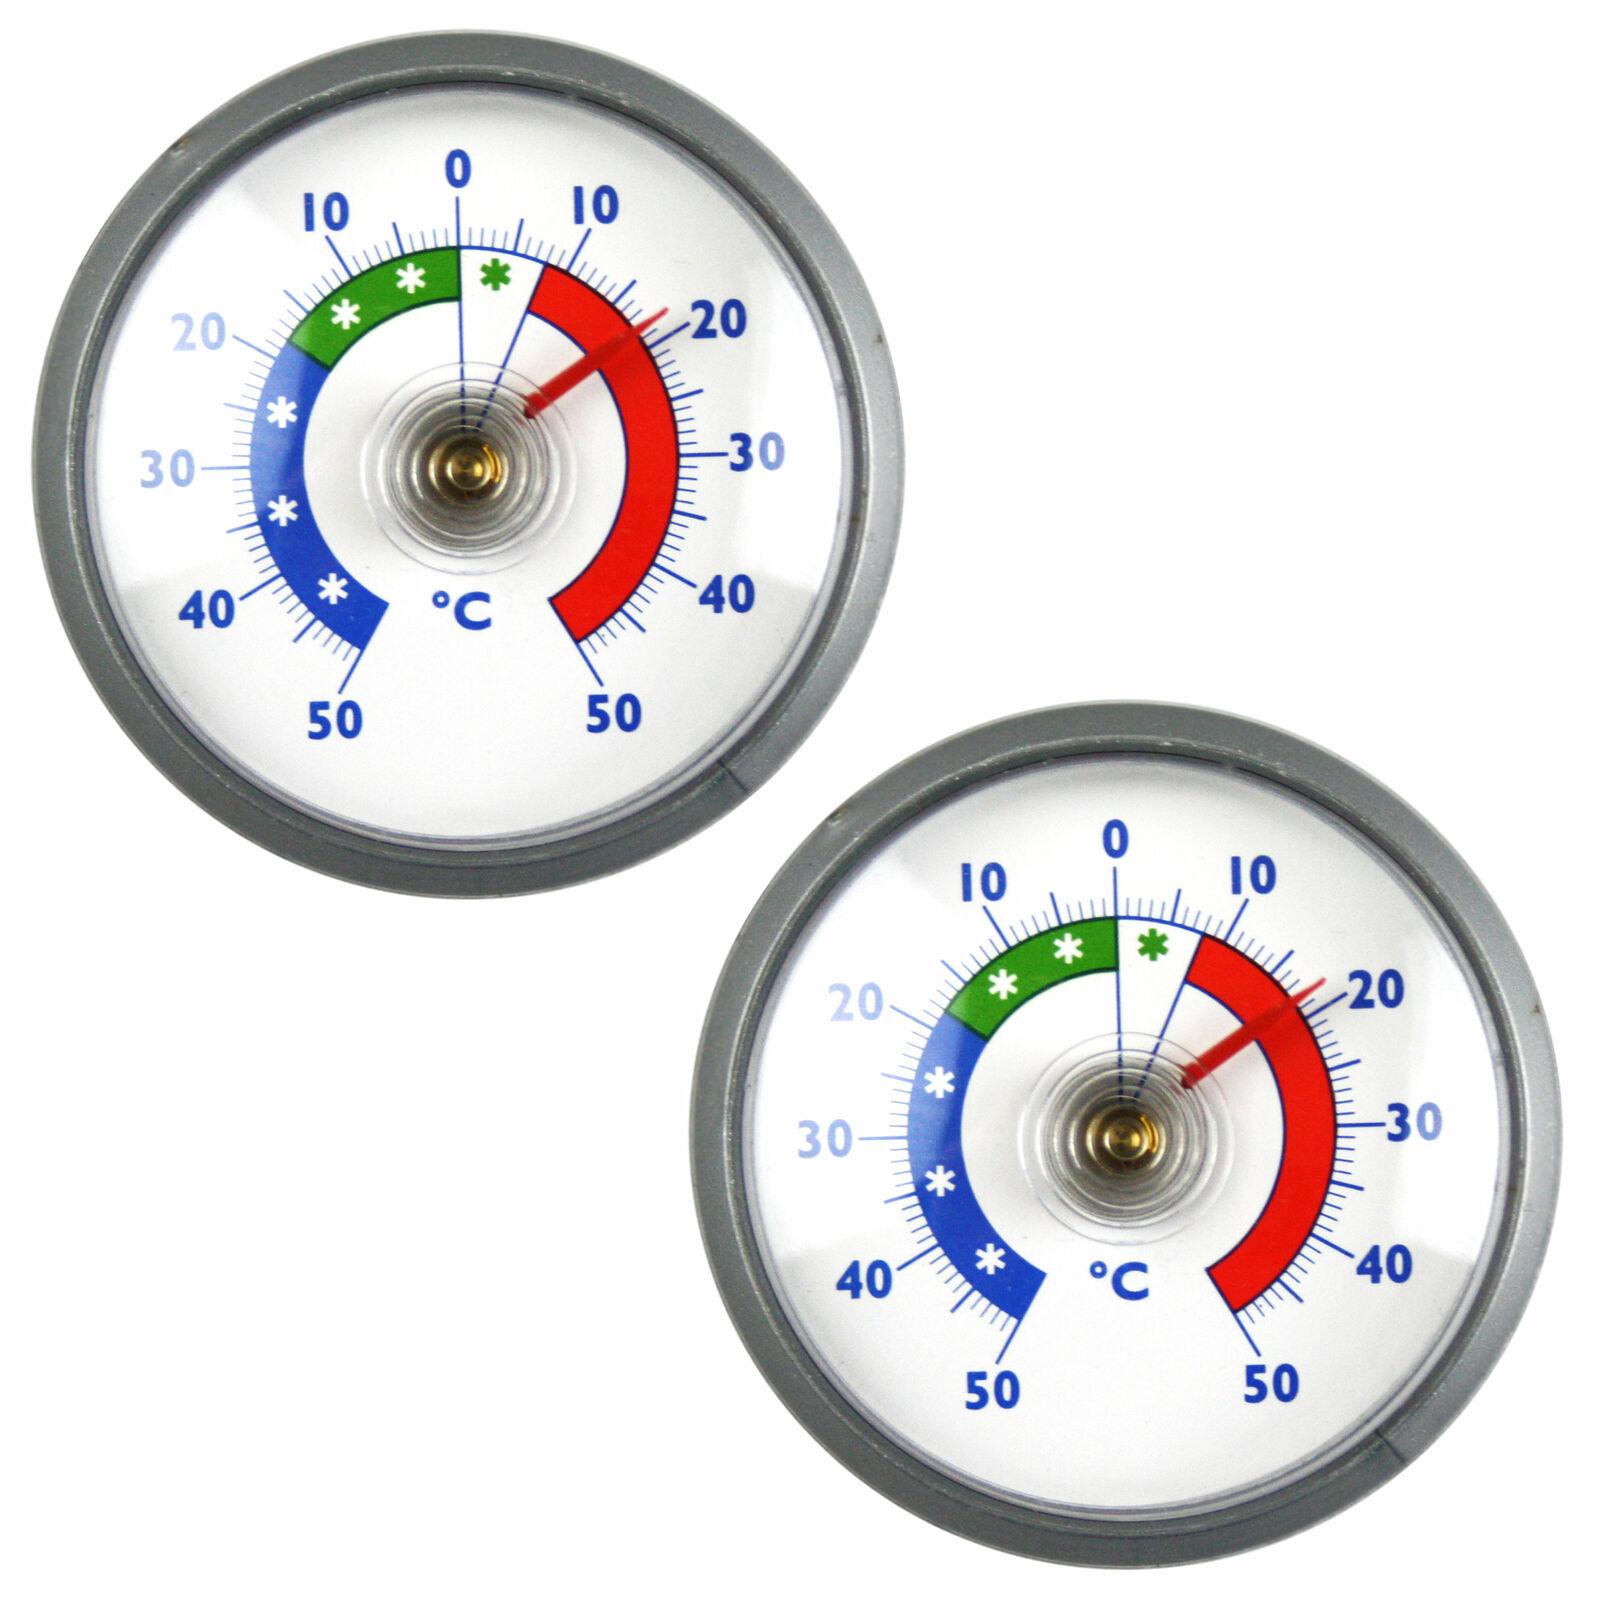 2 Stk Kühlschrank Thermometer Set Gefriertruhen Kühl Gefrierschrank Kühltruhe